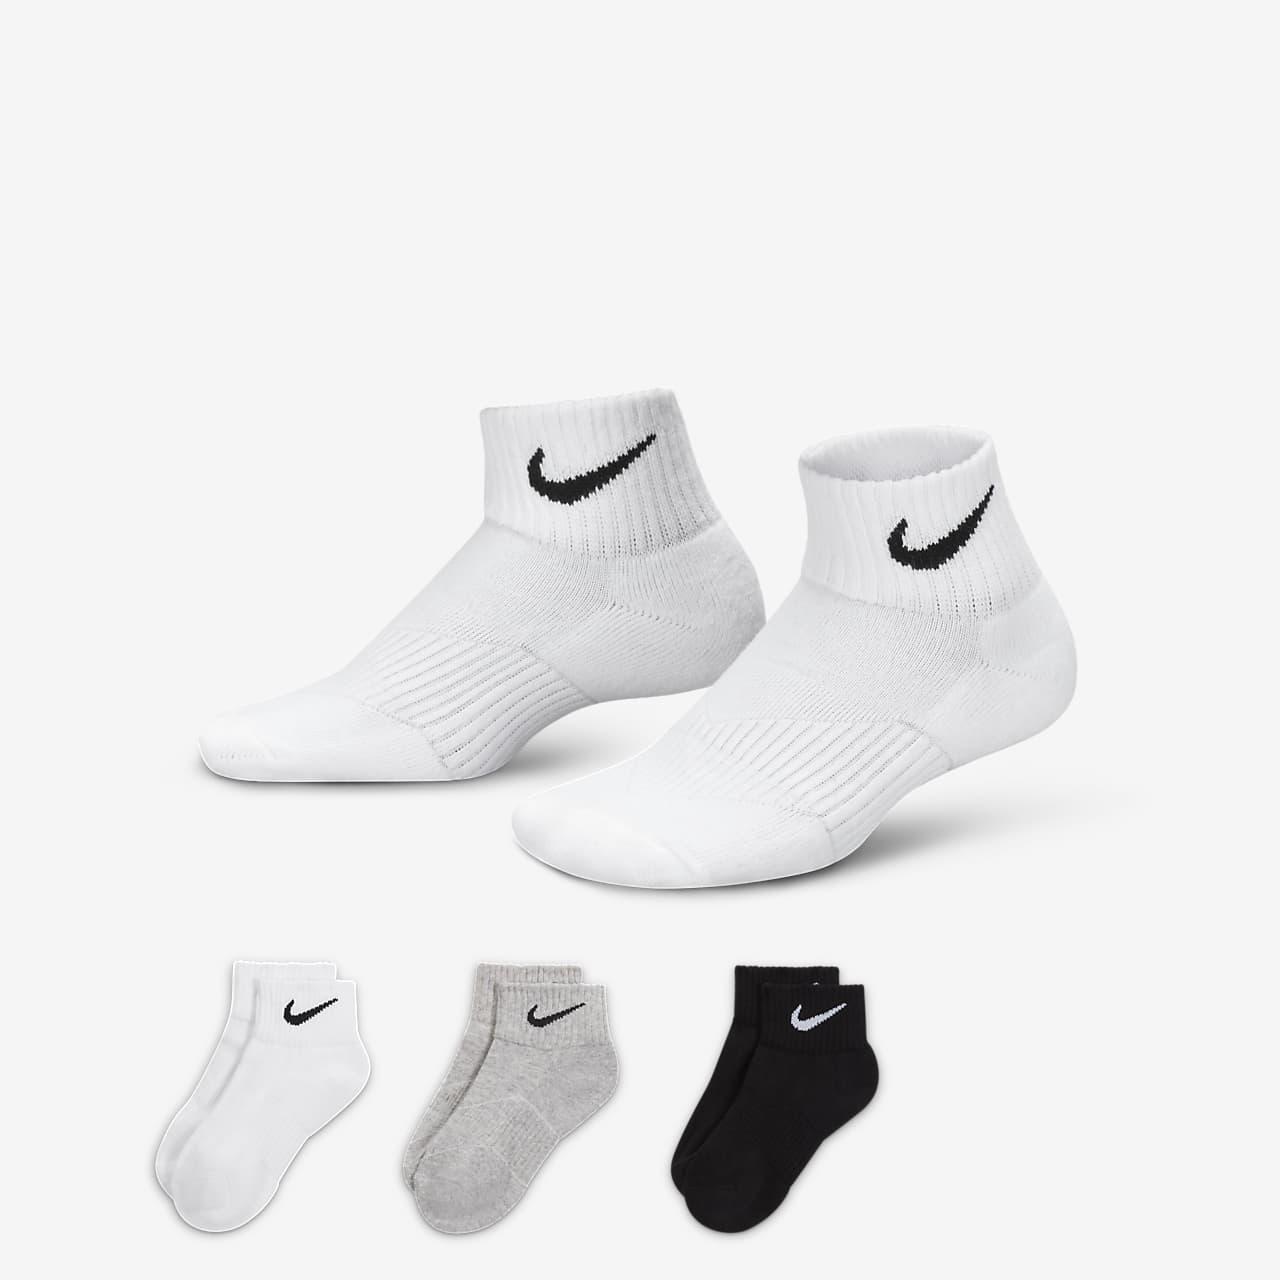 Chaussettes Nike Performance Cushion Quarter pour Enfant plus âgé (3 paires)